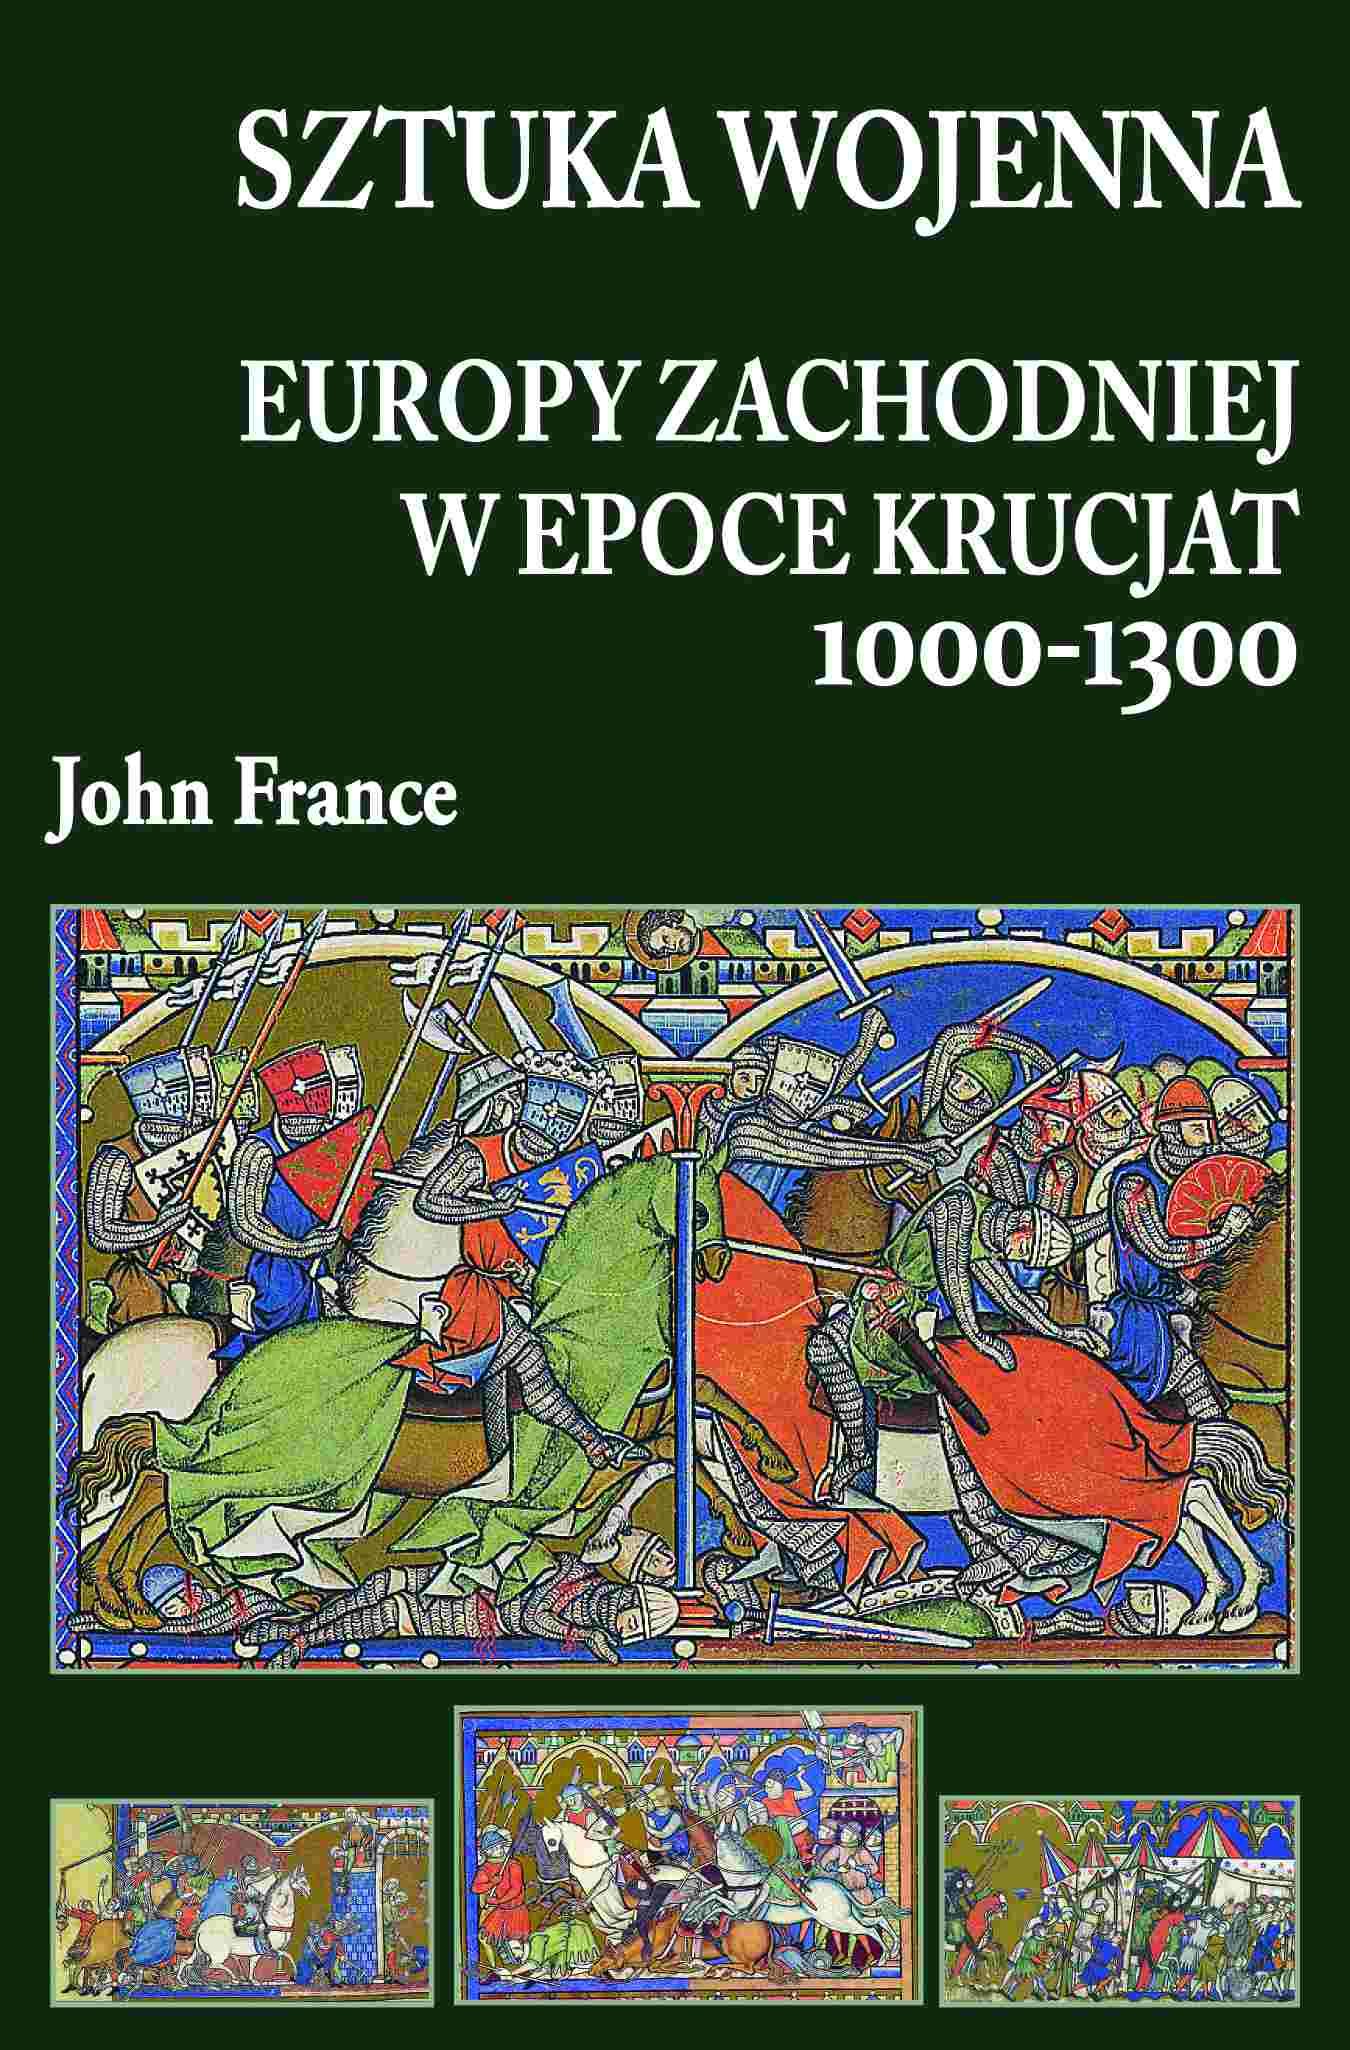 Sztuka wojenna Europy Zachodniej w epoce krucjat 1000-1300 - Ebook (Książka na Kindle) do pobrania w formacie MOBI